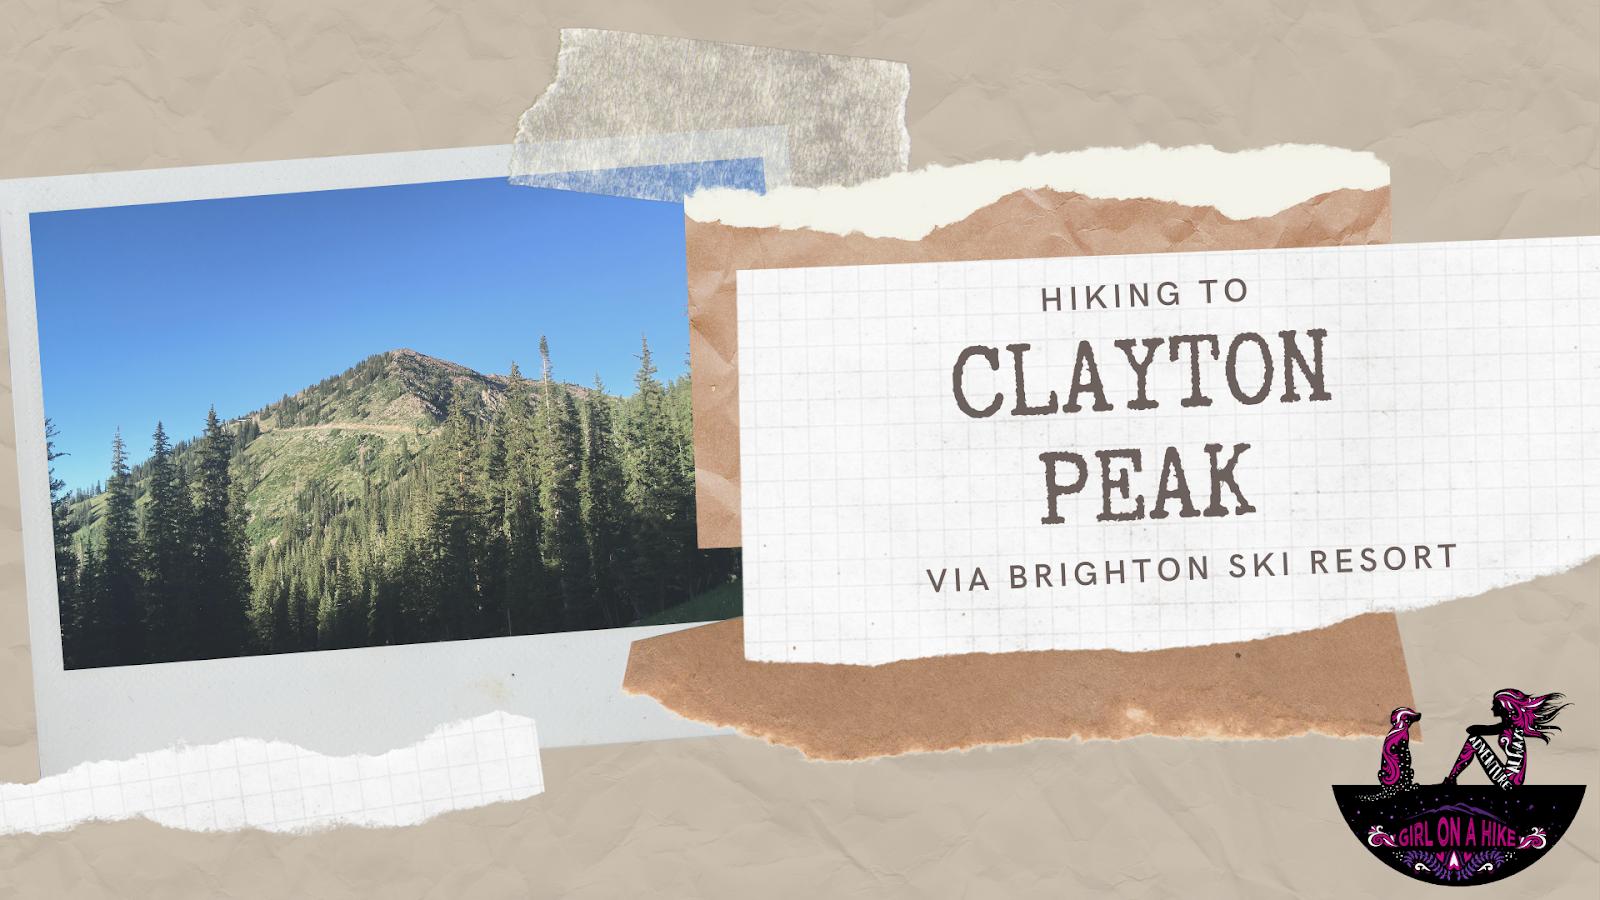 Clayton Peak, Top 10 Peaks to Bag in Salt Lake City